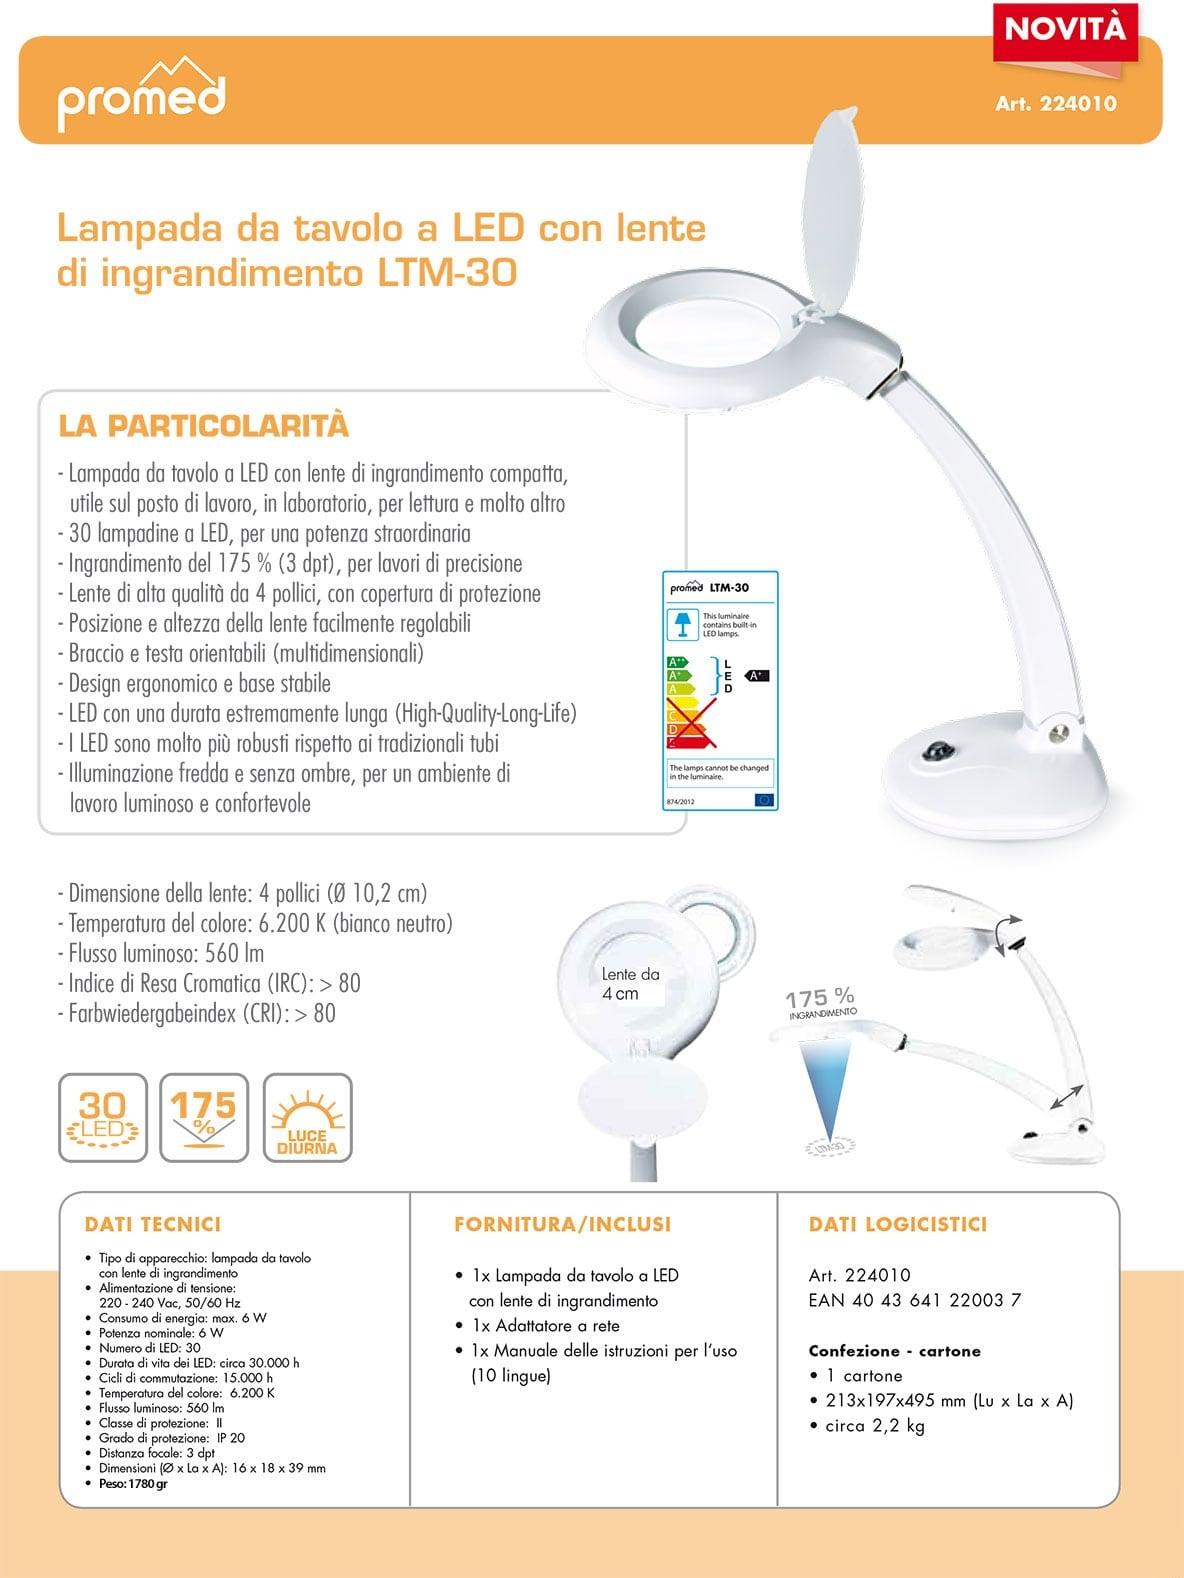 lampada LTM-30 Promed